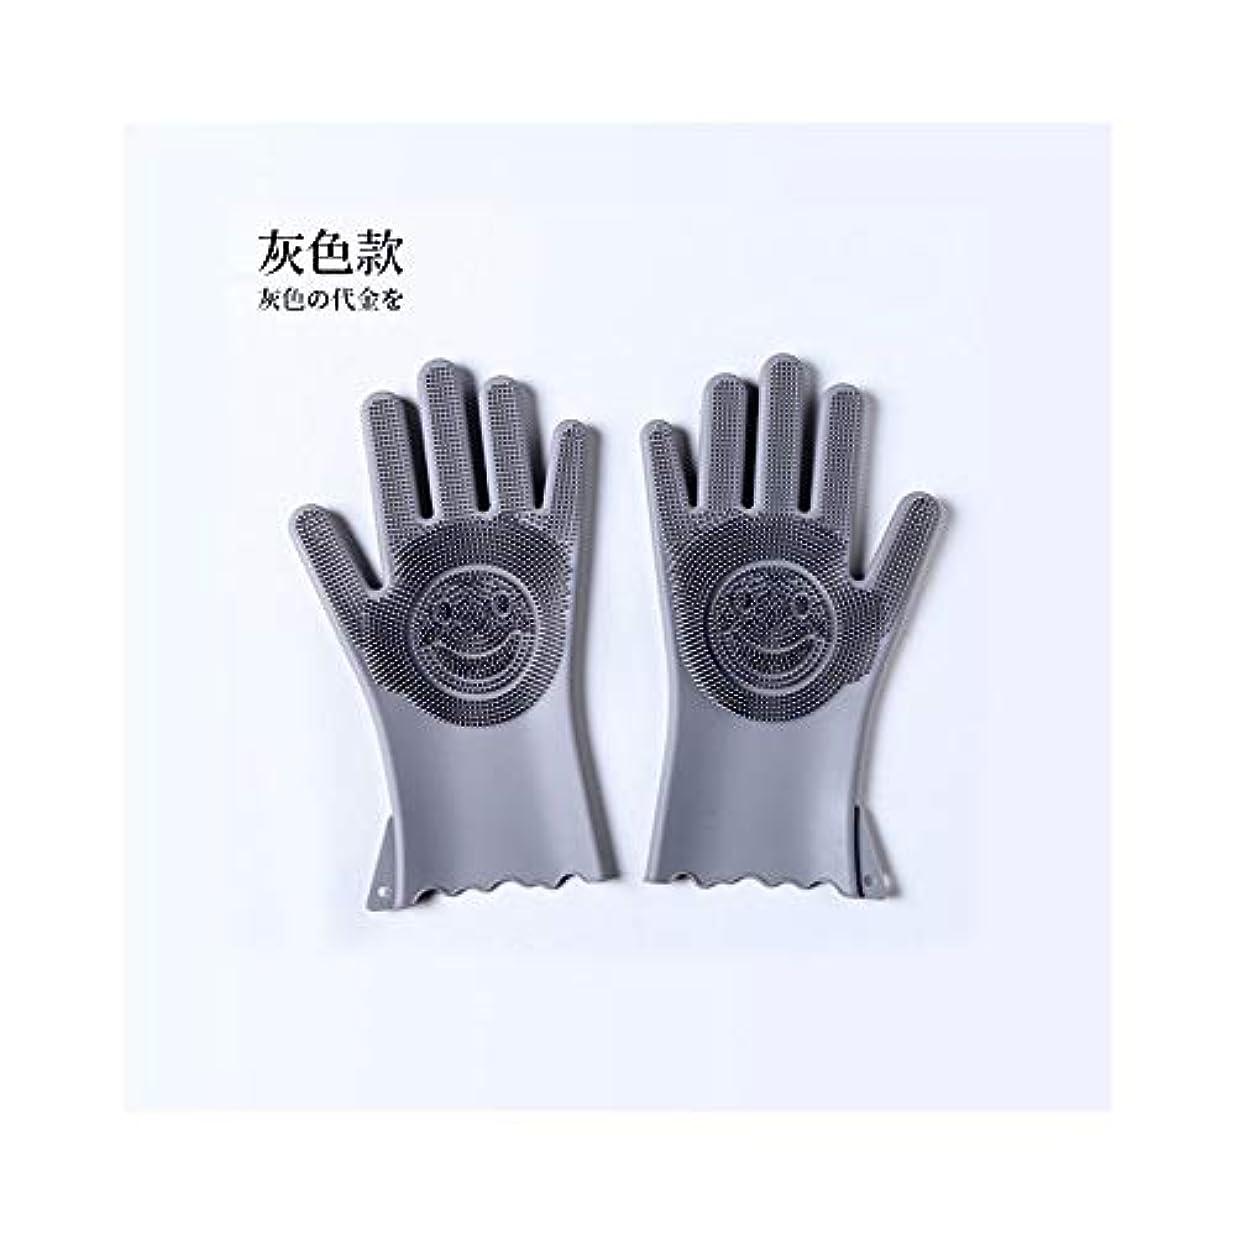 ヒロイック王女ロンドンニトリルゴム手袋 作業用手袋防水厚くて丈夫なシリコーン多機能キッチン家庭用手袋 使い捨て手袋 (Color : Gray, Size : M)